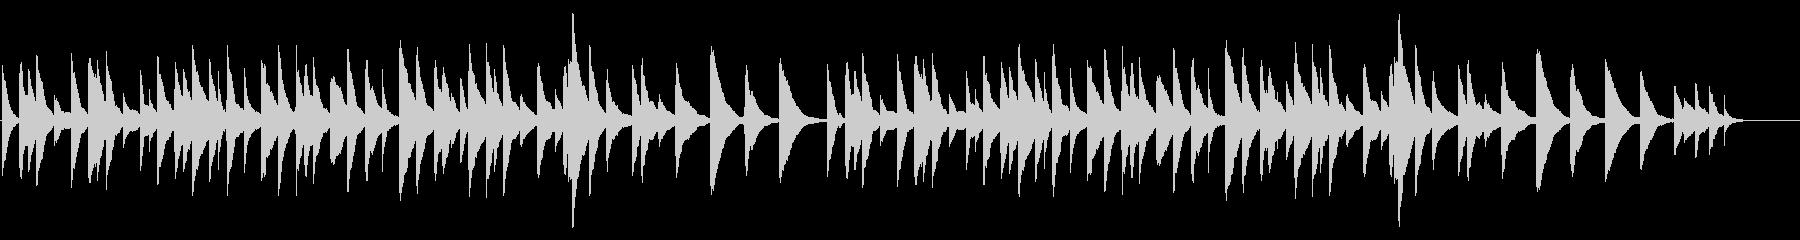 オルゴールのシンプルな感動バラードの未再生の波形